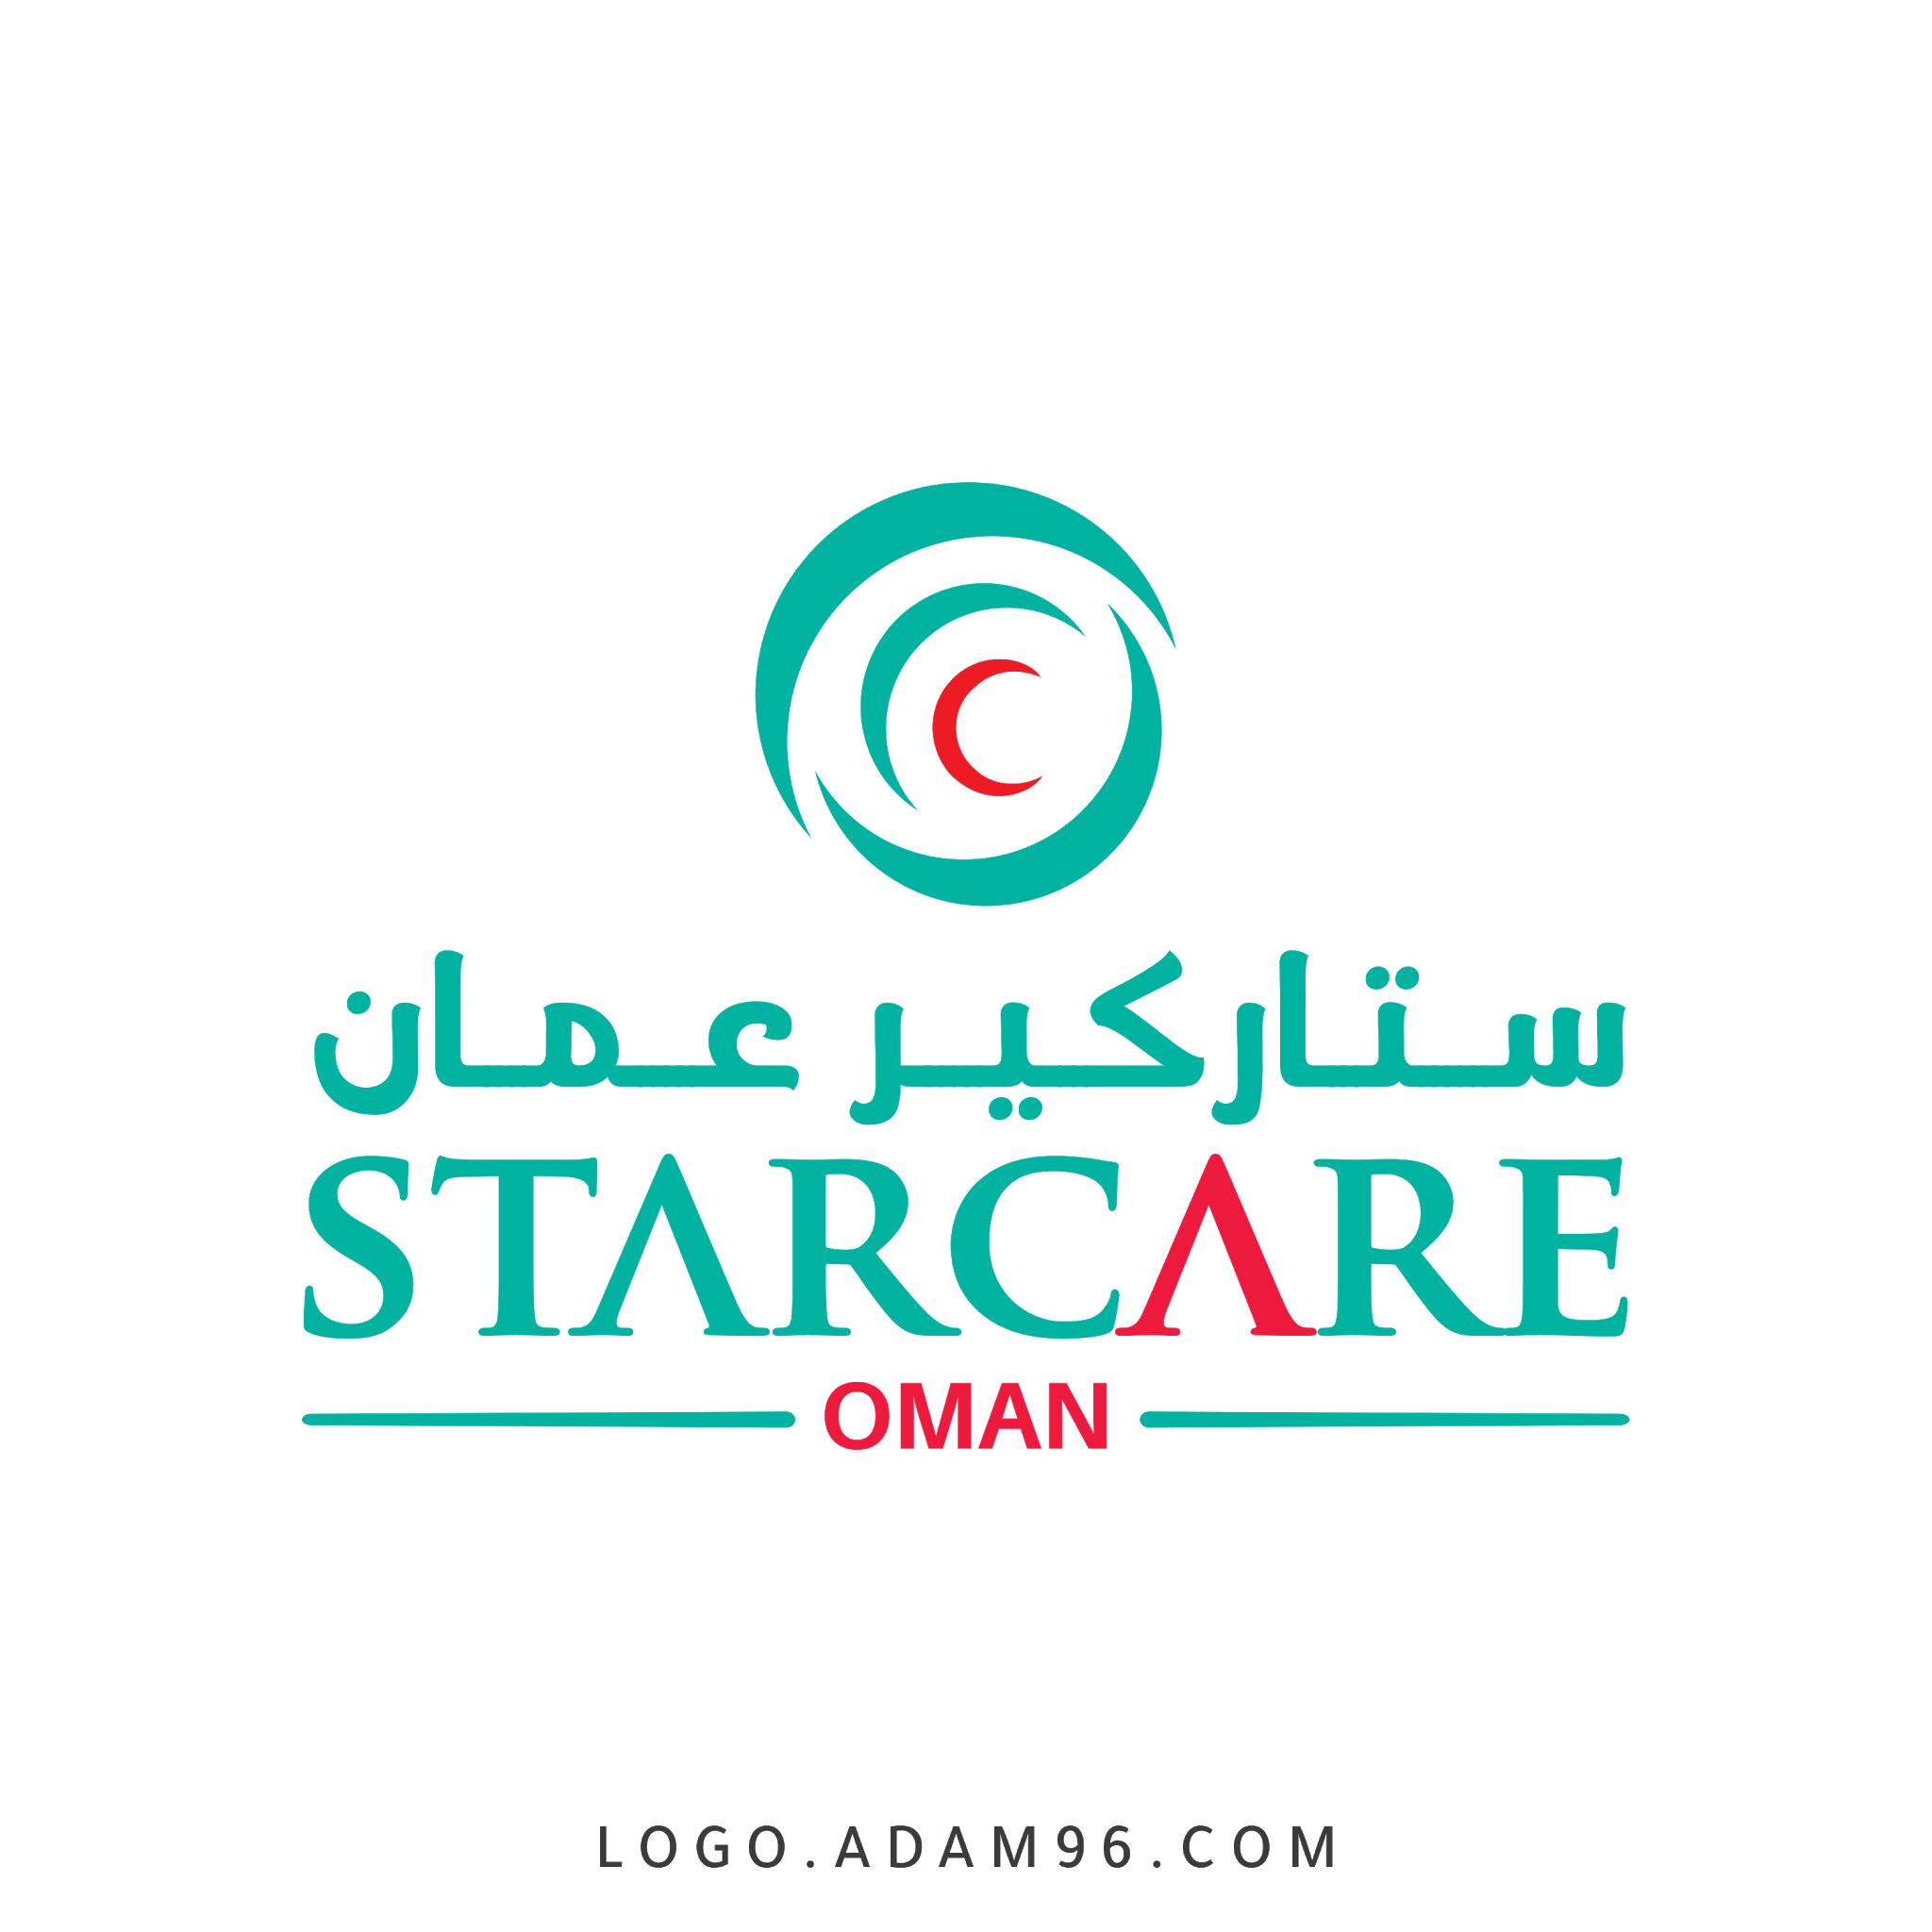 تحميل شعار مستشفى ستار كير لوجو رسمي بصيغة شفافة PNG